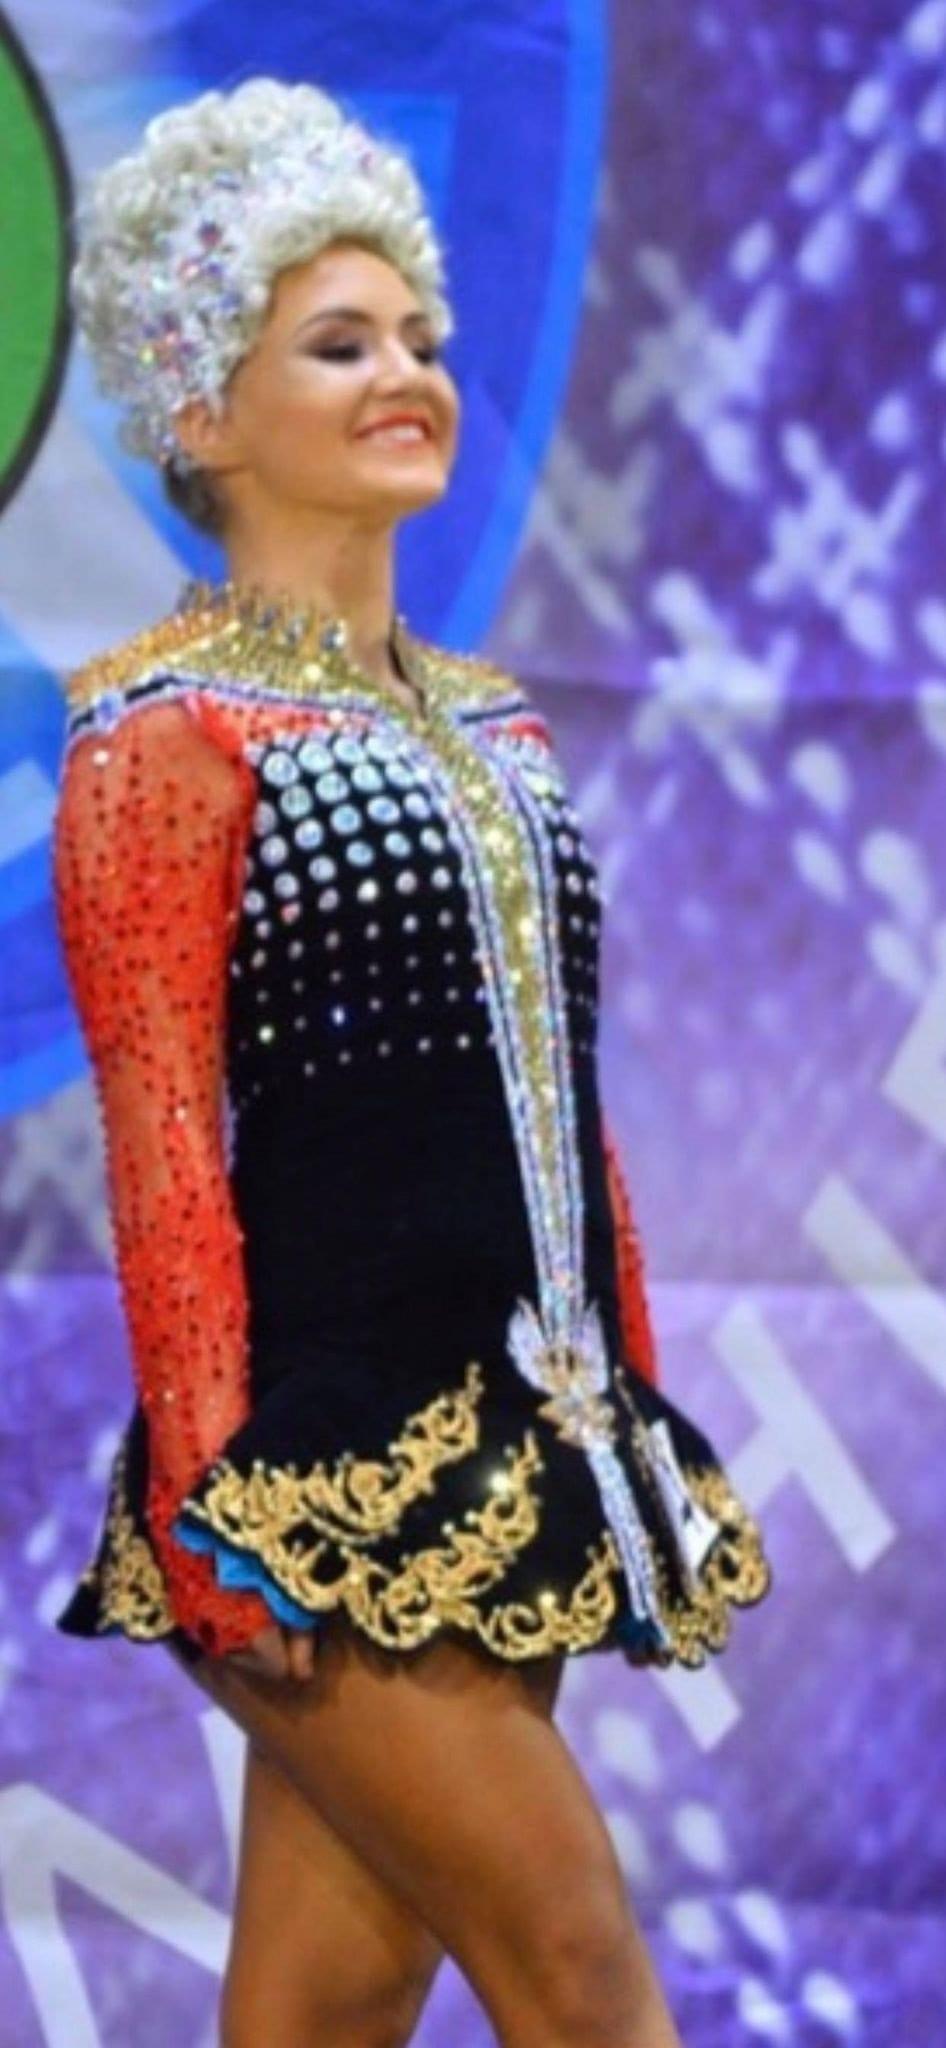 Dress #4520